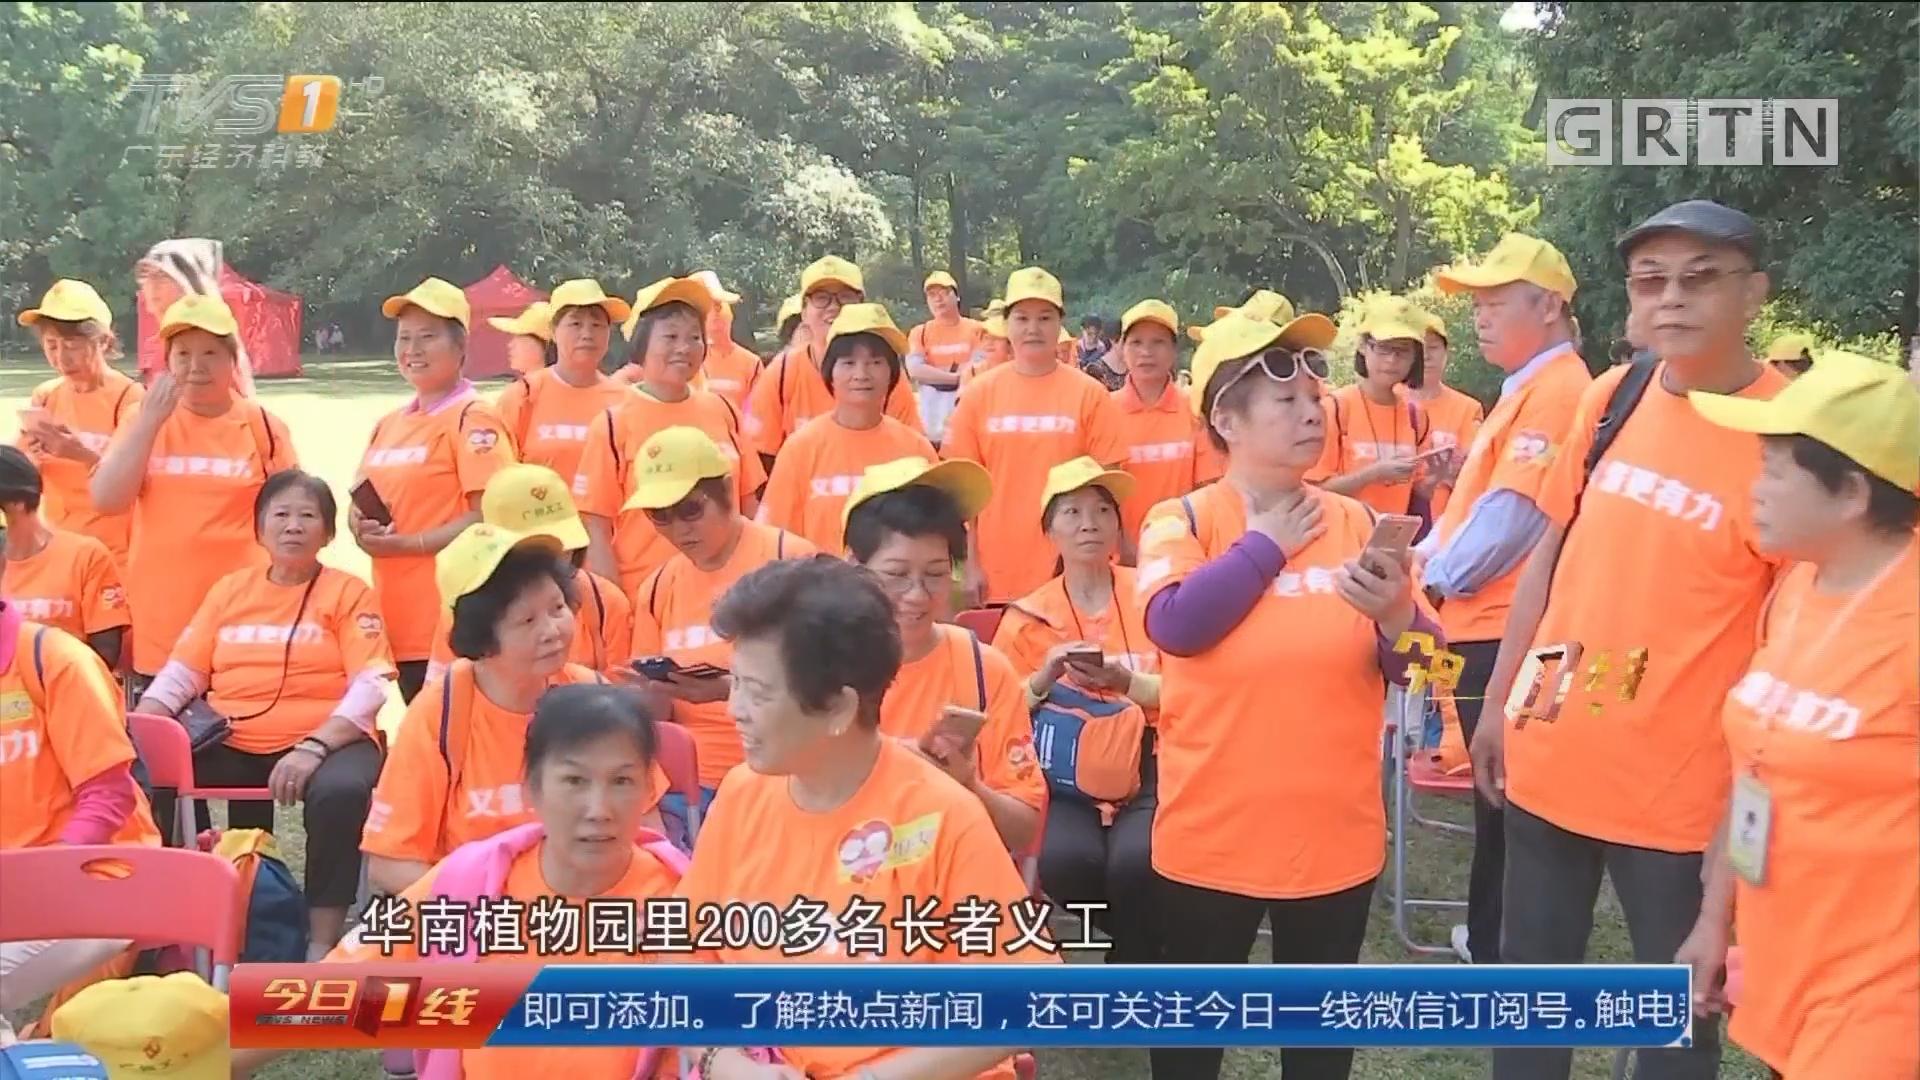 长者义工徒步行:广州首创 长者义工徒步义行